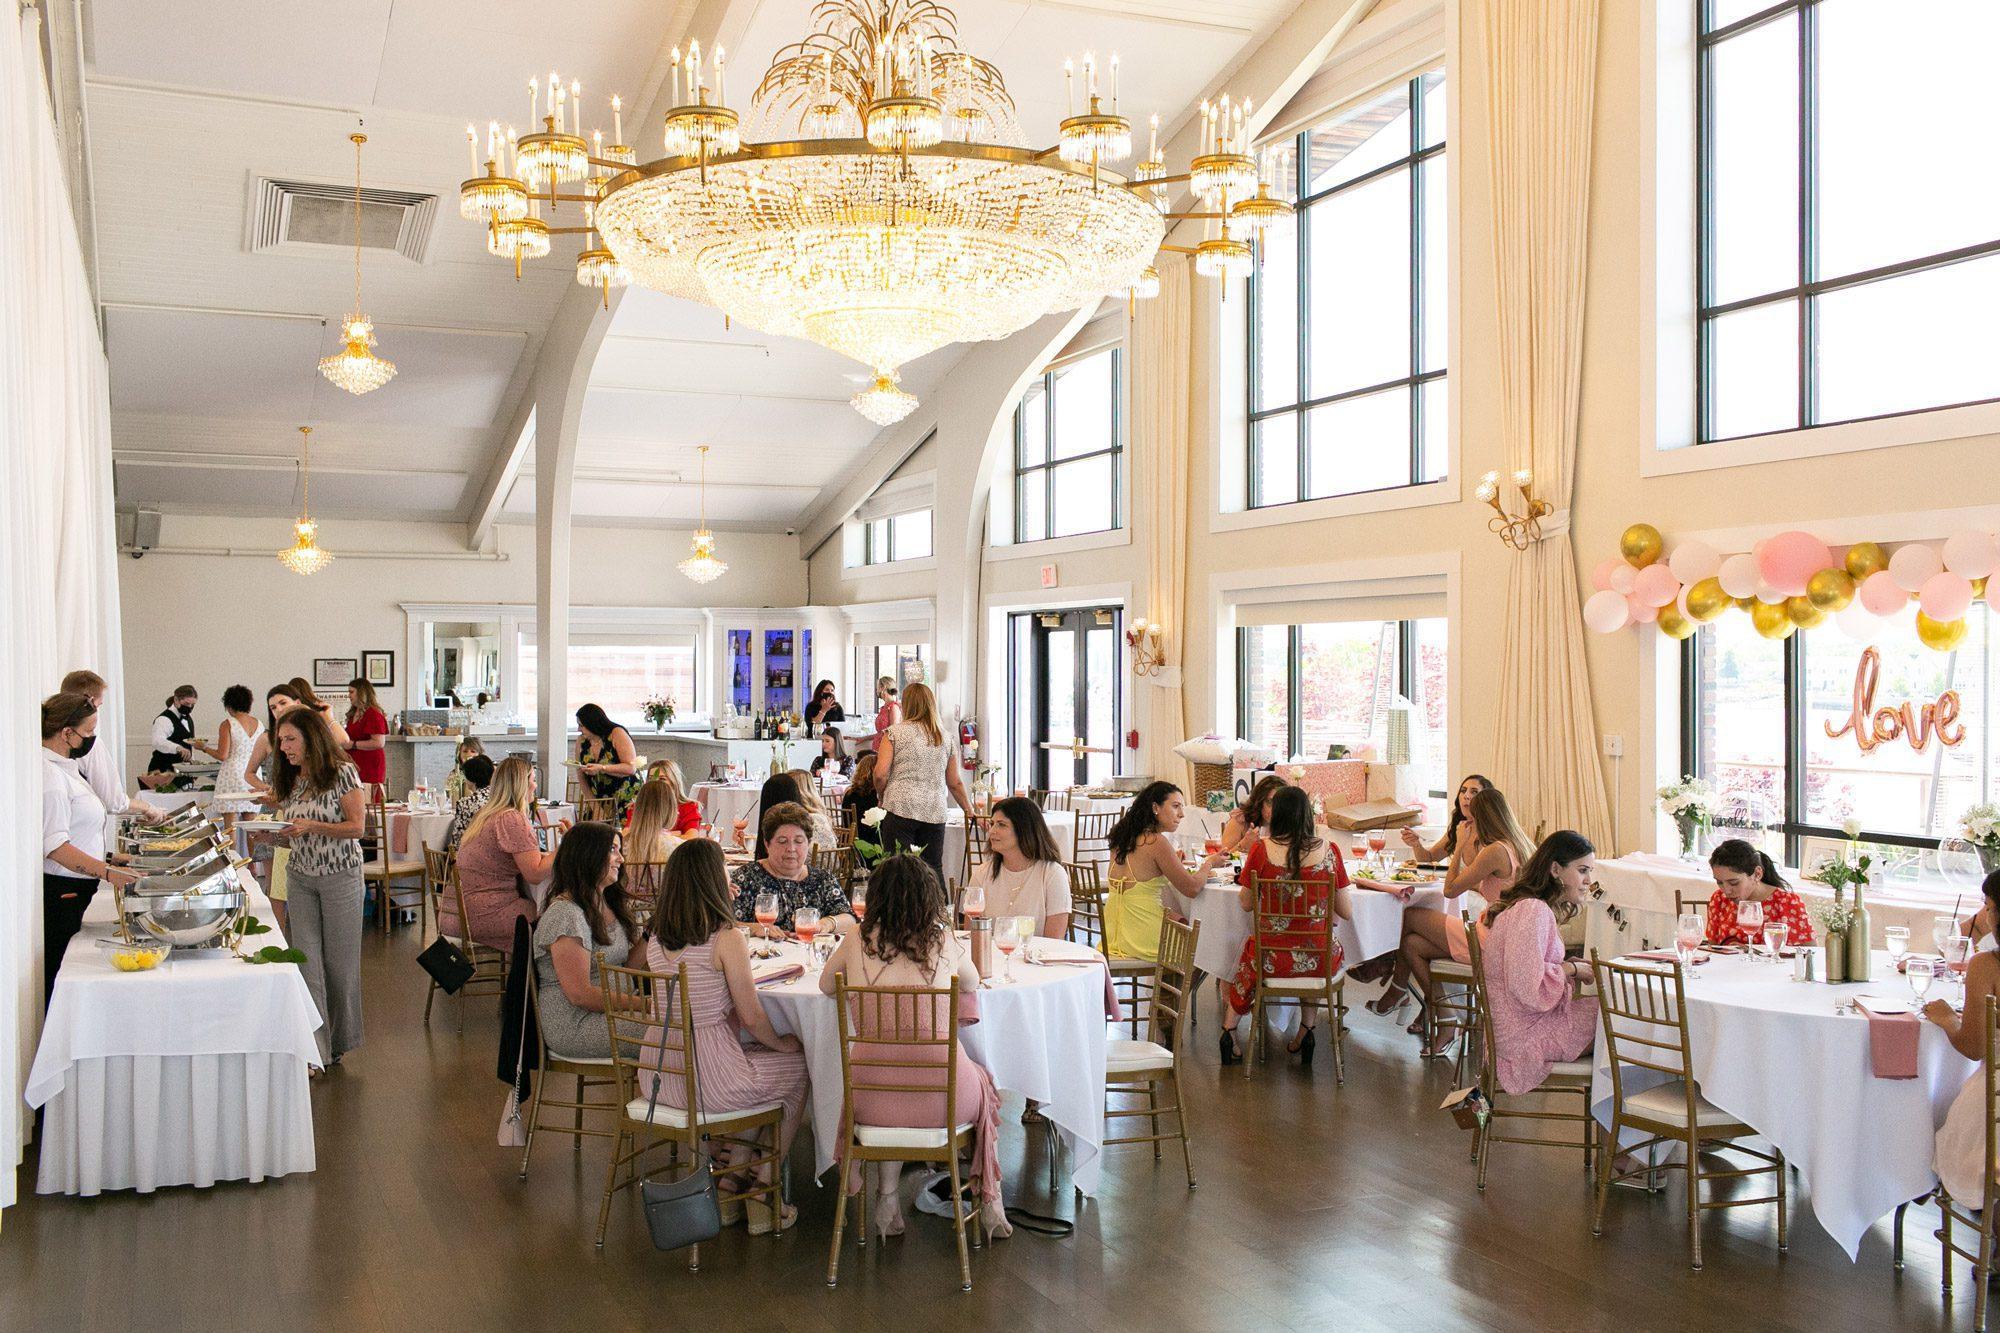 A bridal shower in Harborview Ballroom at Danversport in Danvers, Massachusetts